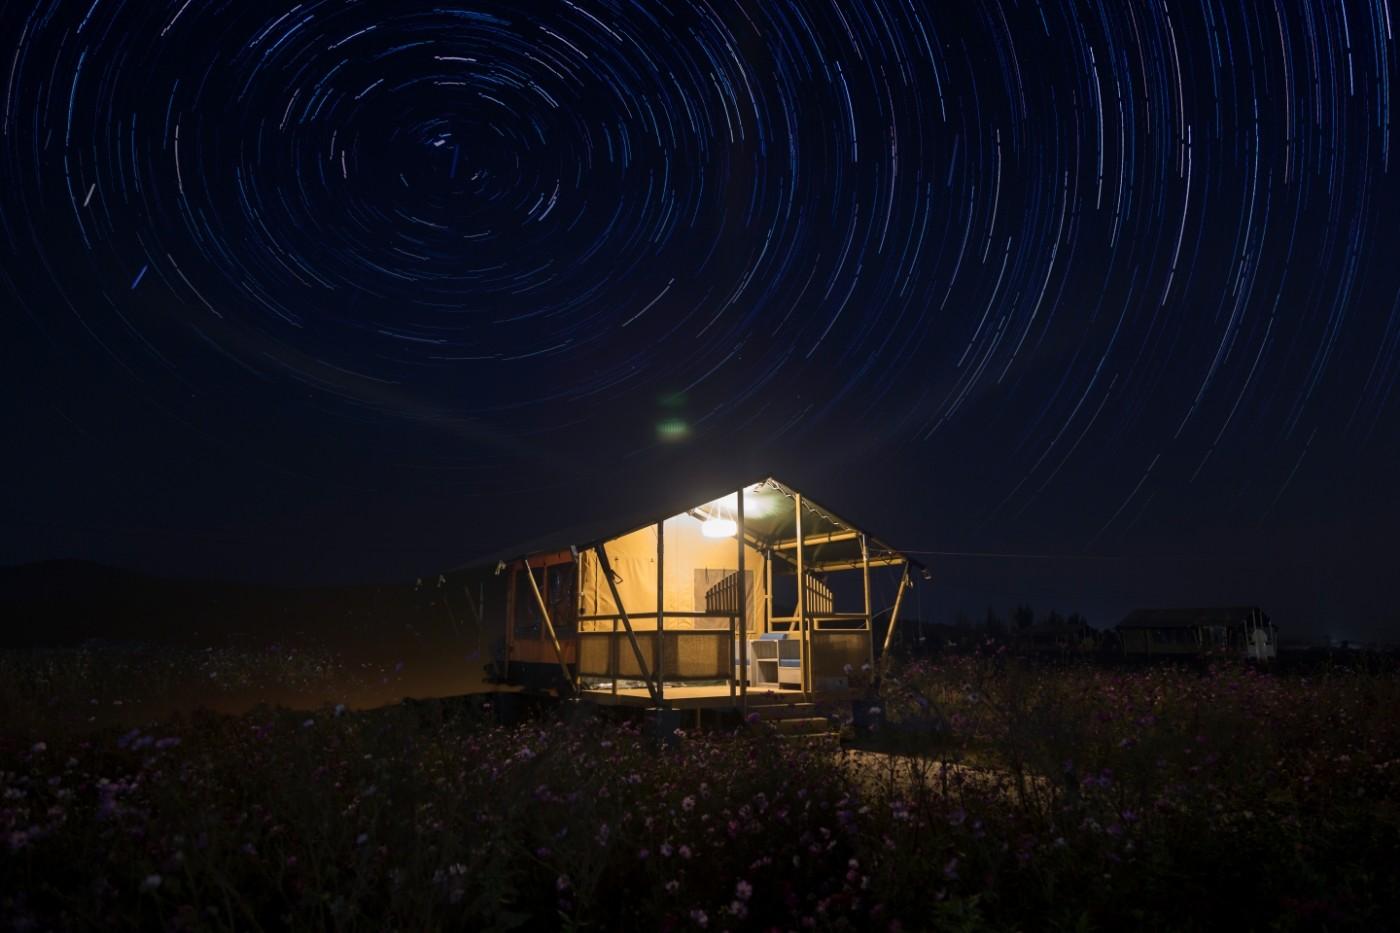 喜马拉雅野奢帐篷酒店—济南长清17